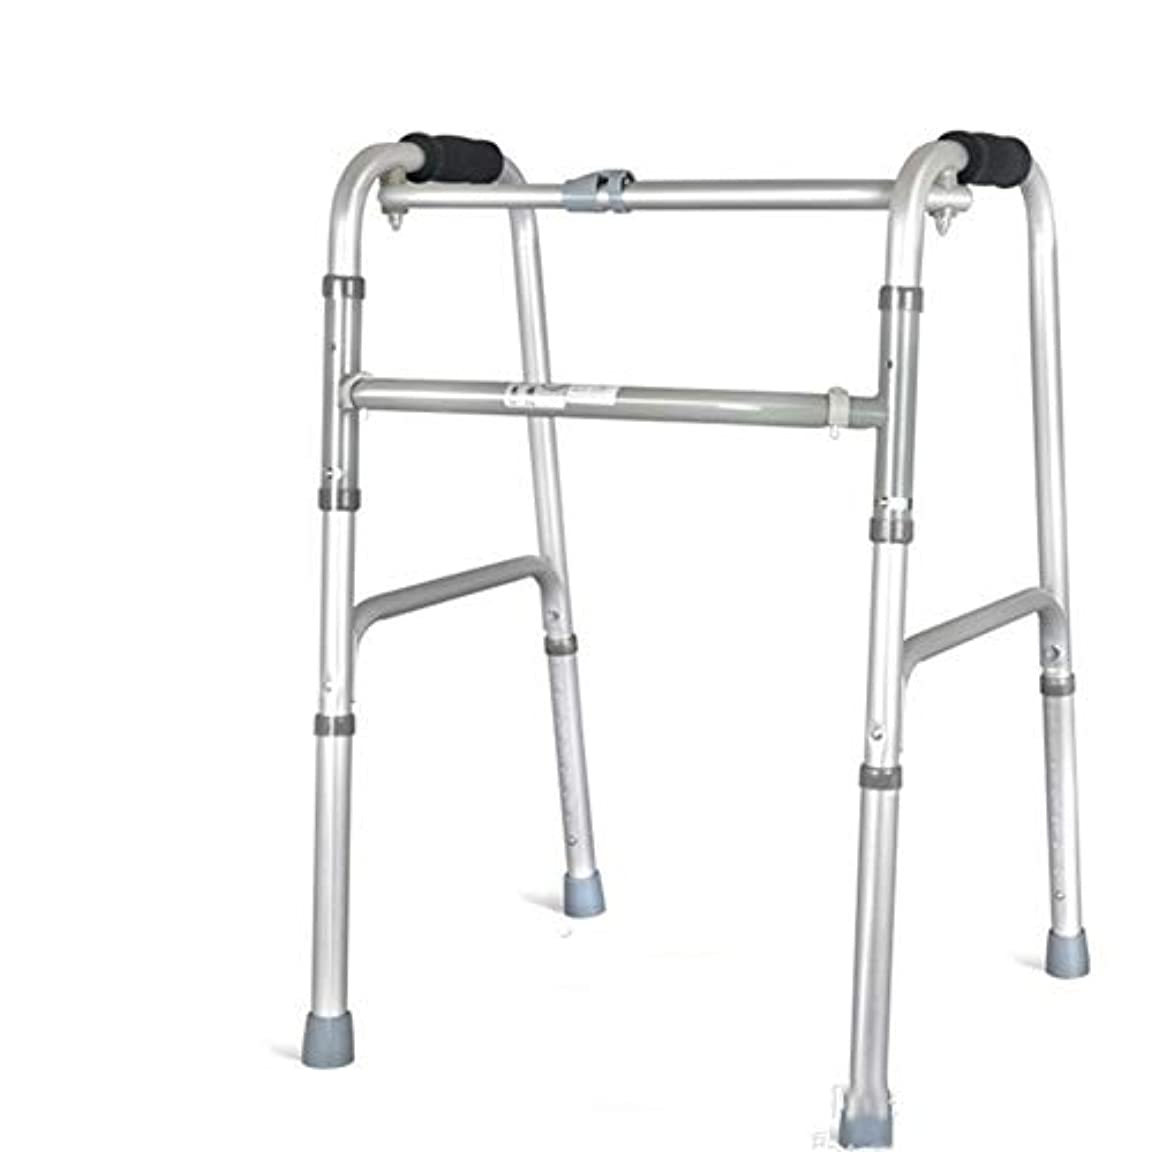 イタリアの美しい悩む折りたたみ式軽量アルミ製車輪付き4本足杖歩行器 - 高さ調節可